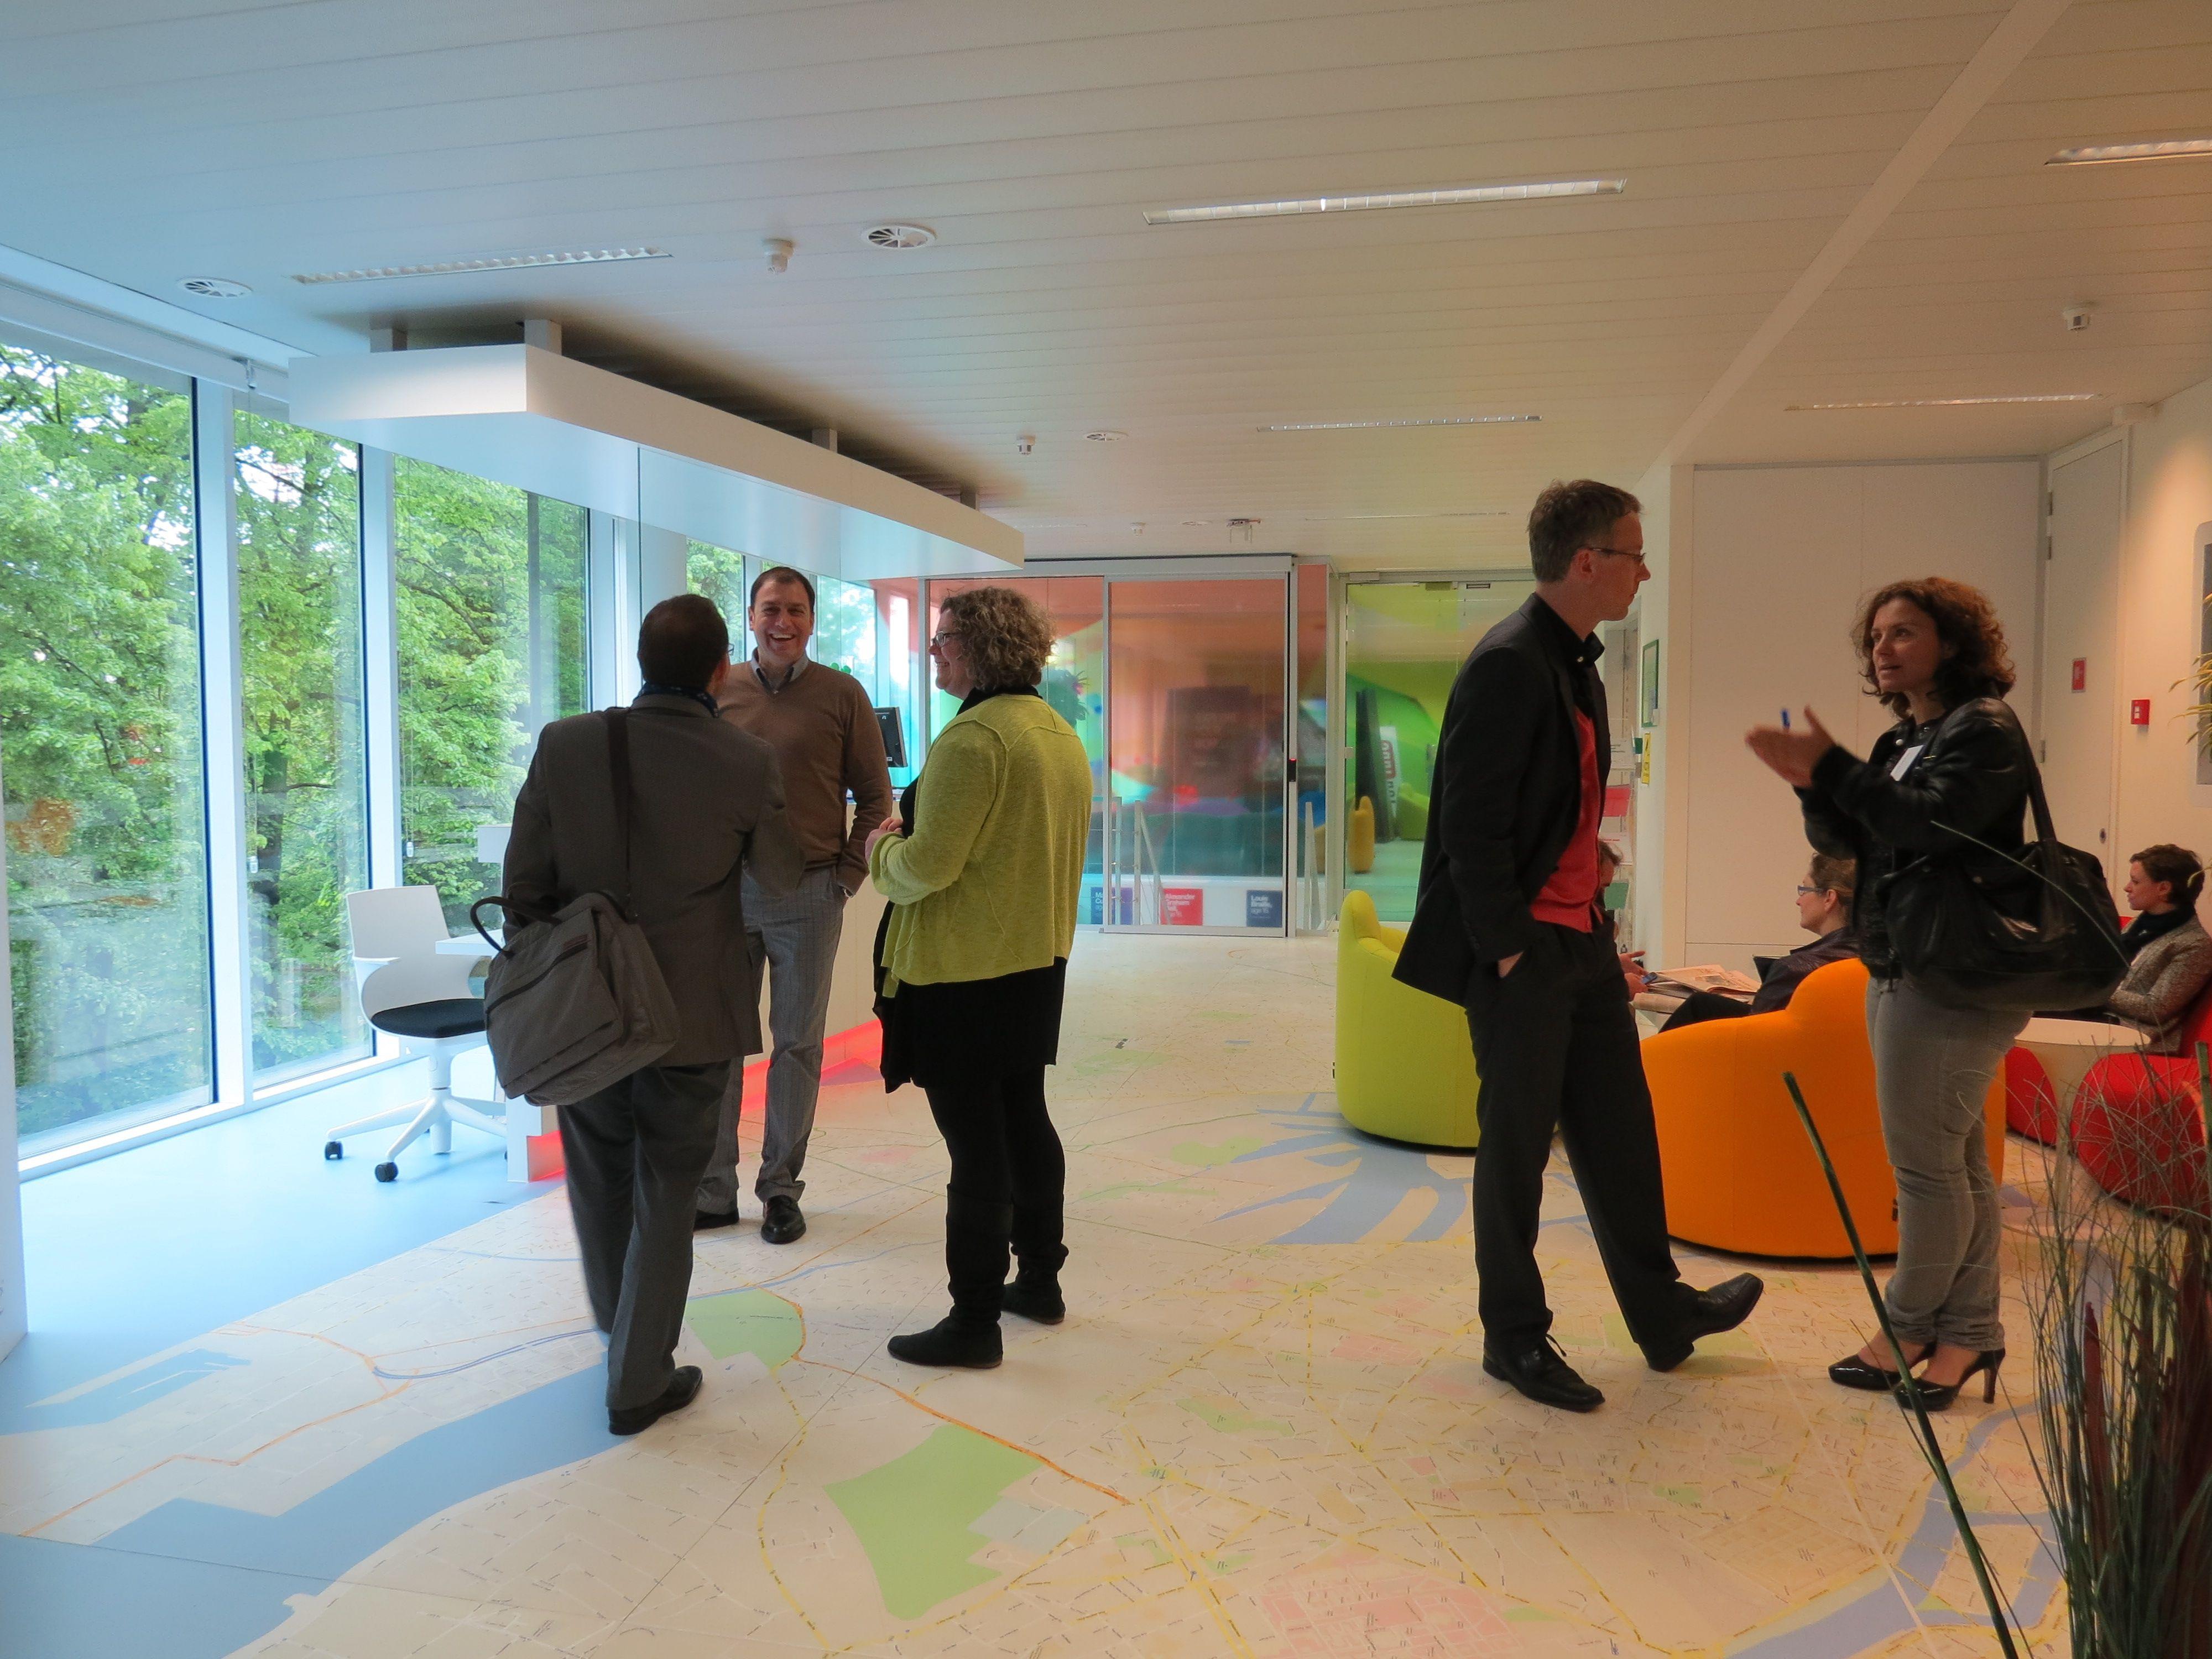 K Workshop#1: Google office